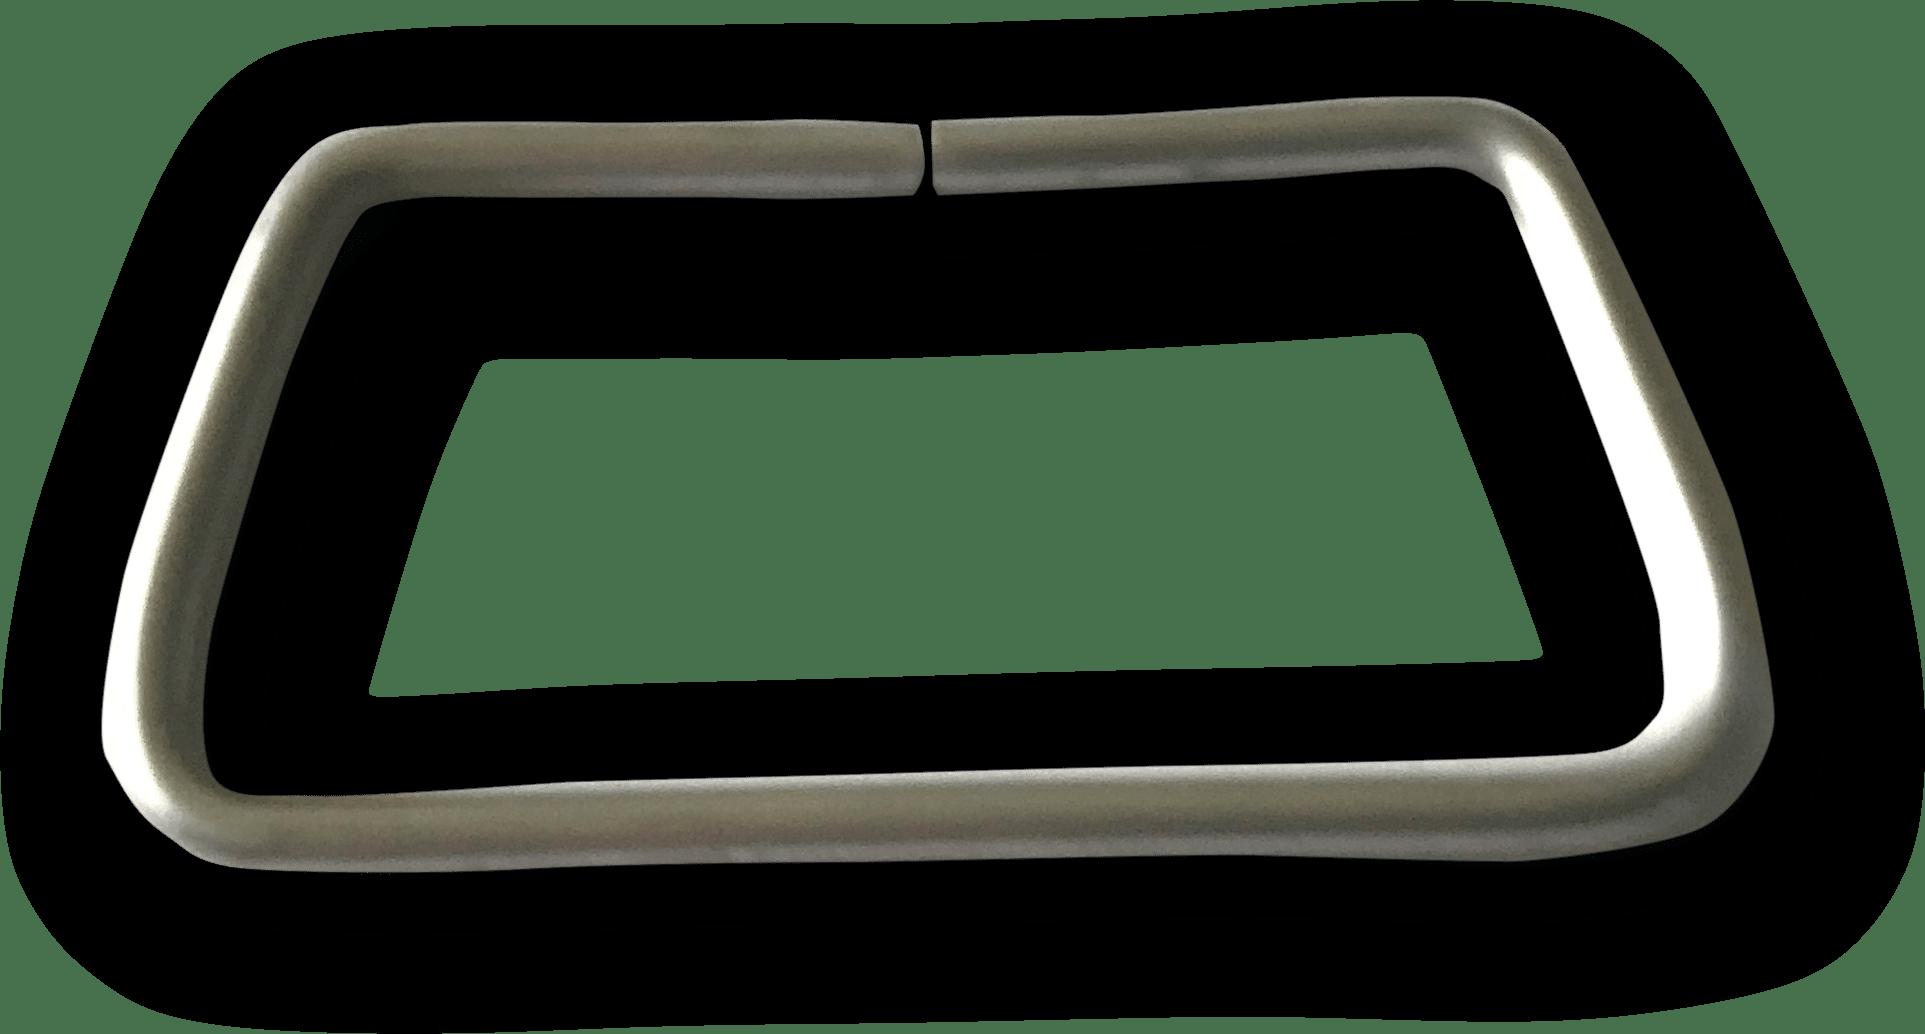 Maniglia metallica sul coperchio prodotto da Cavioni Fustitalia